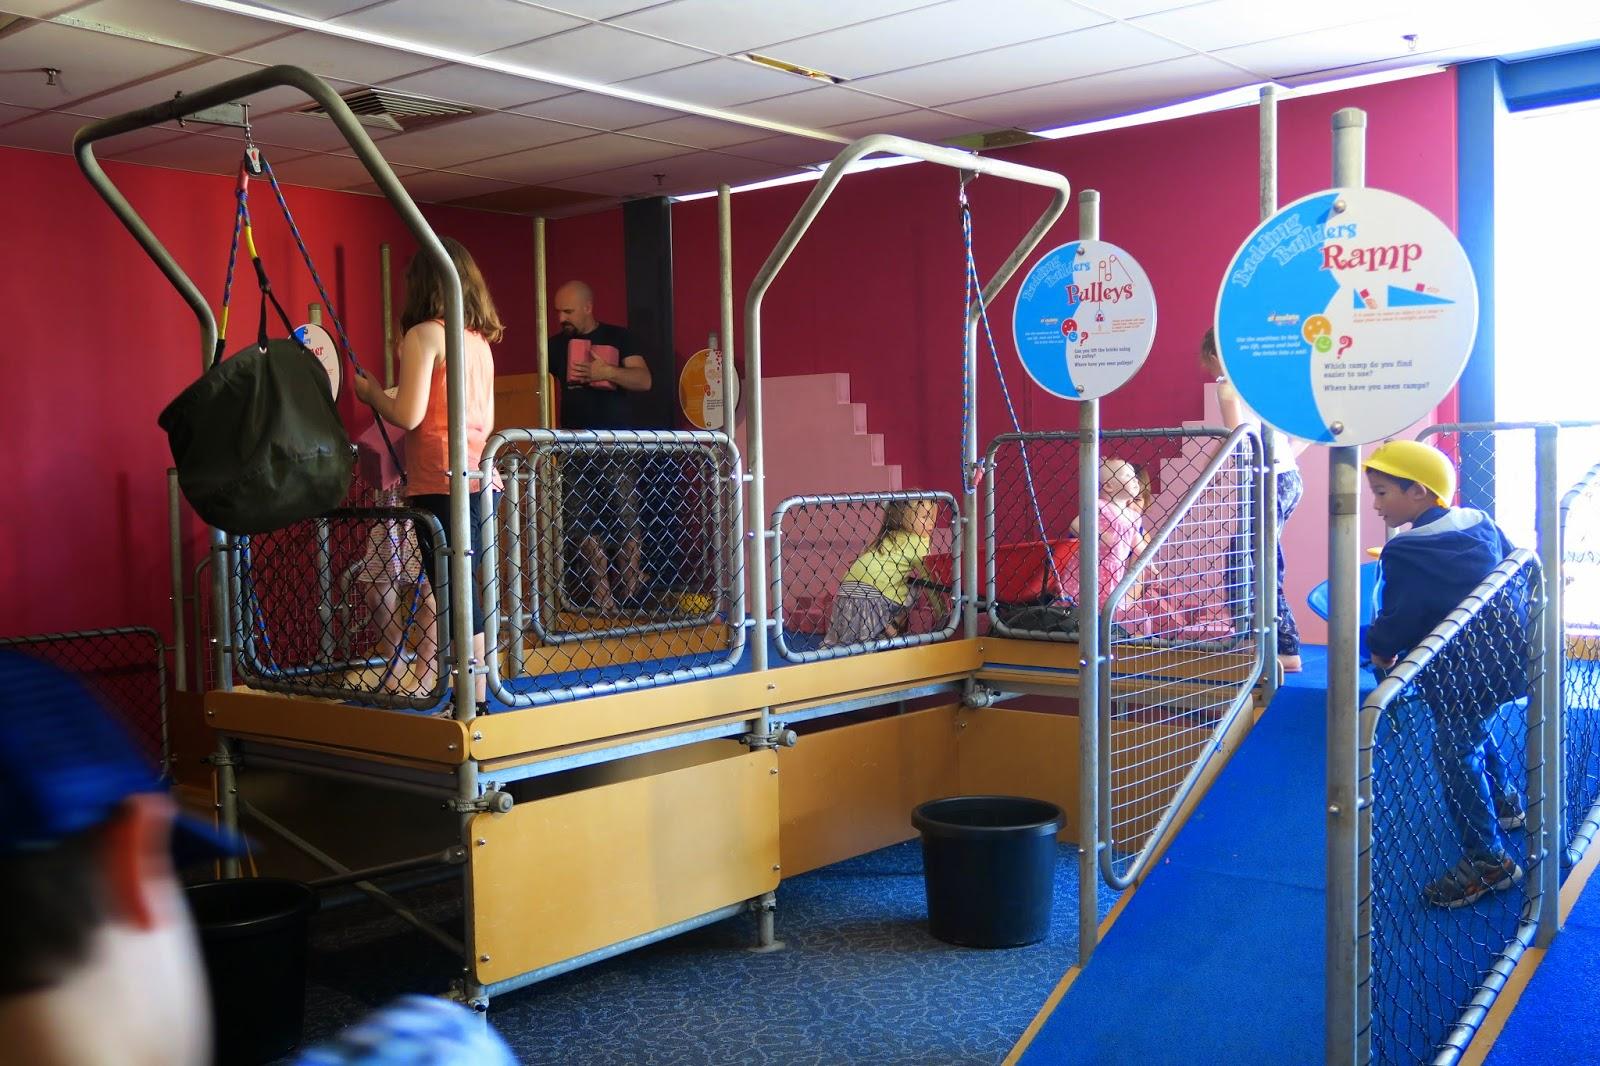 parenting on purpose australia 2014 perth the scitech experiment